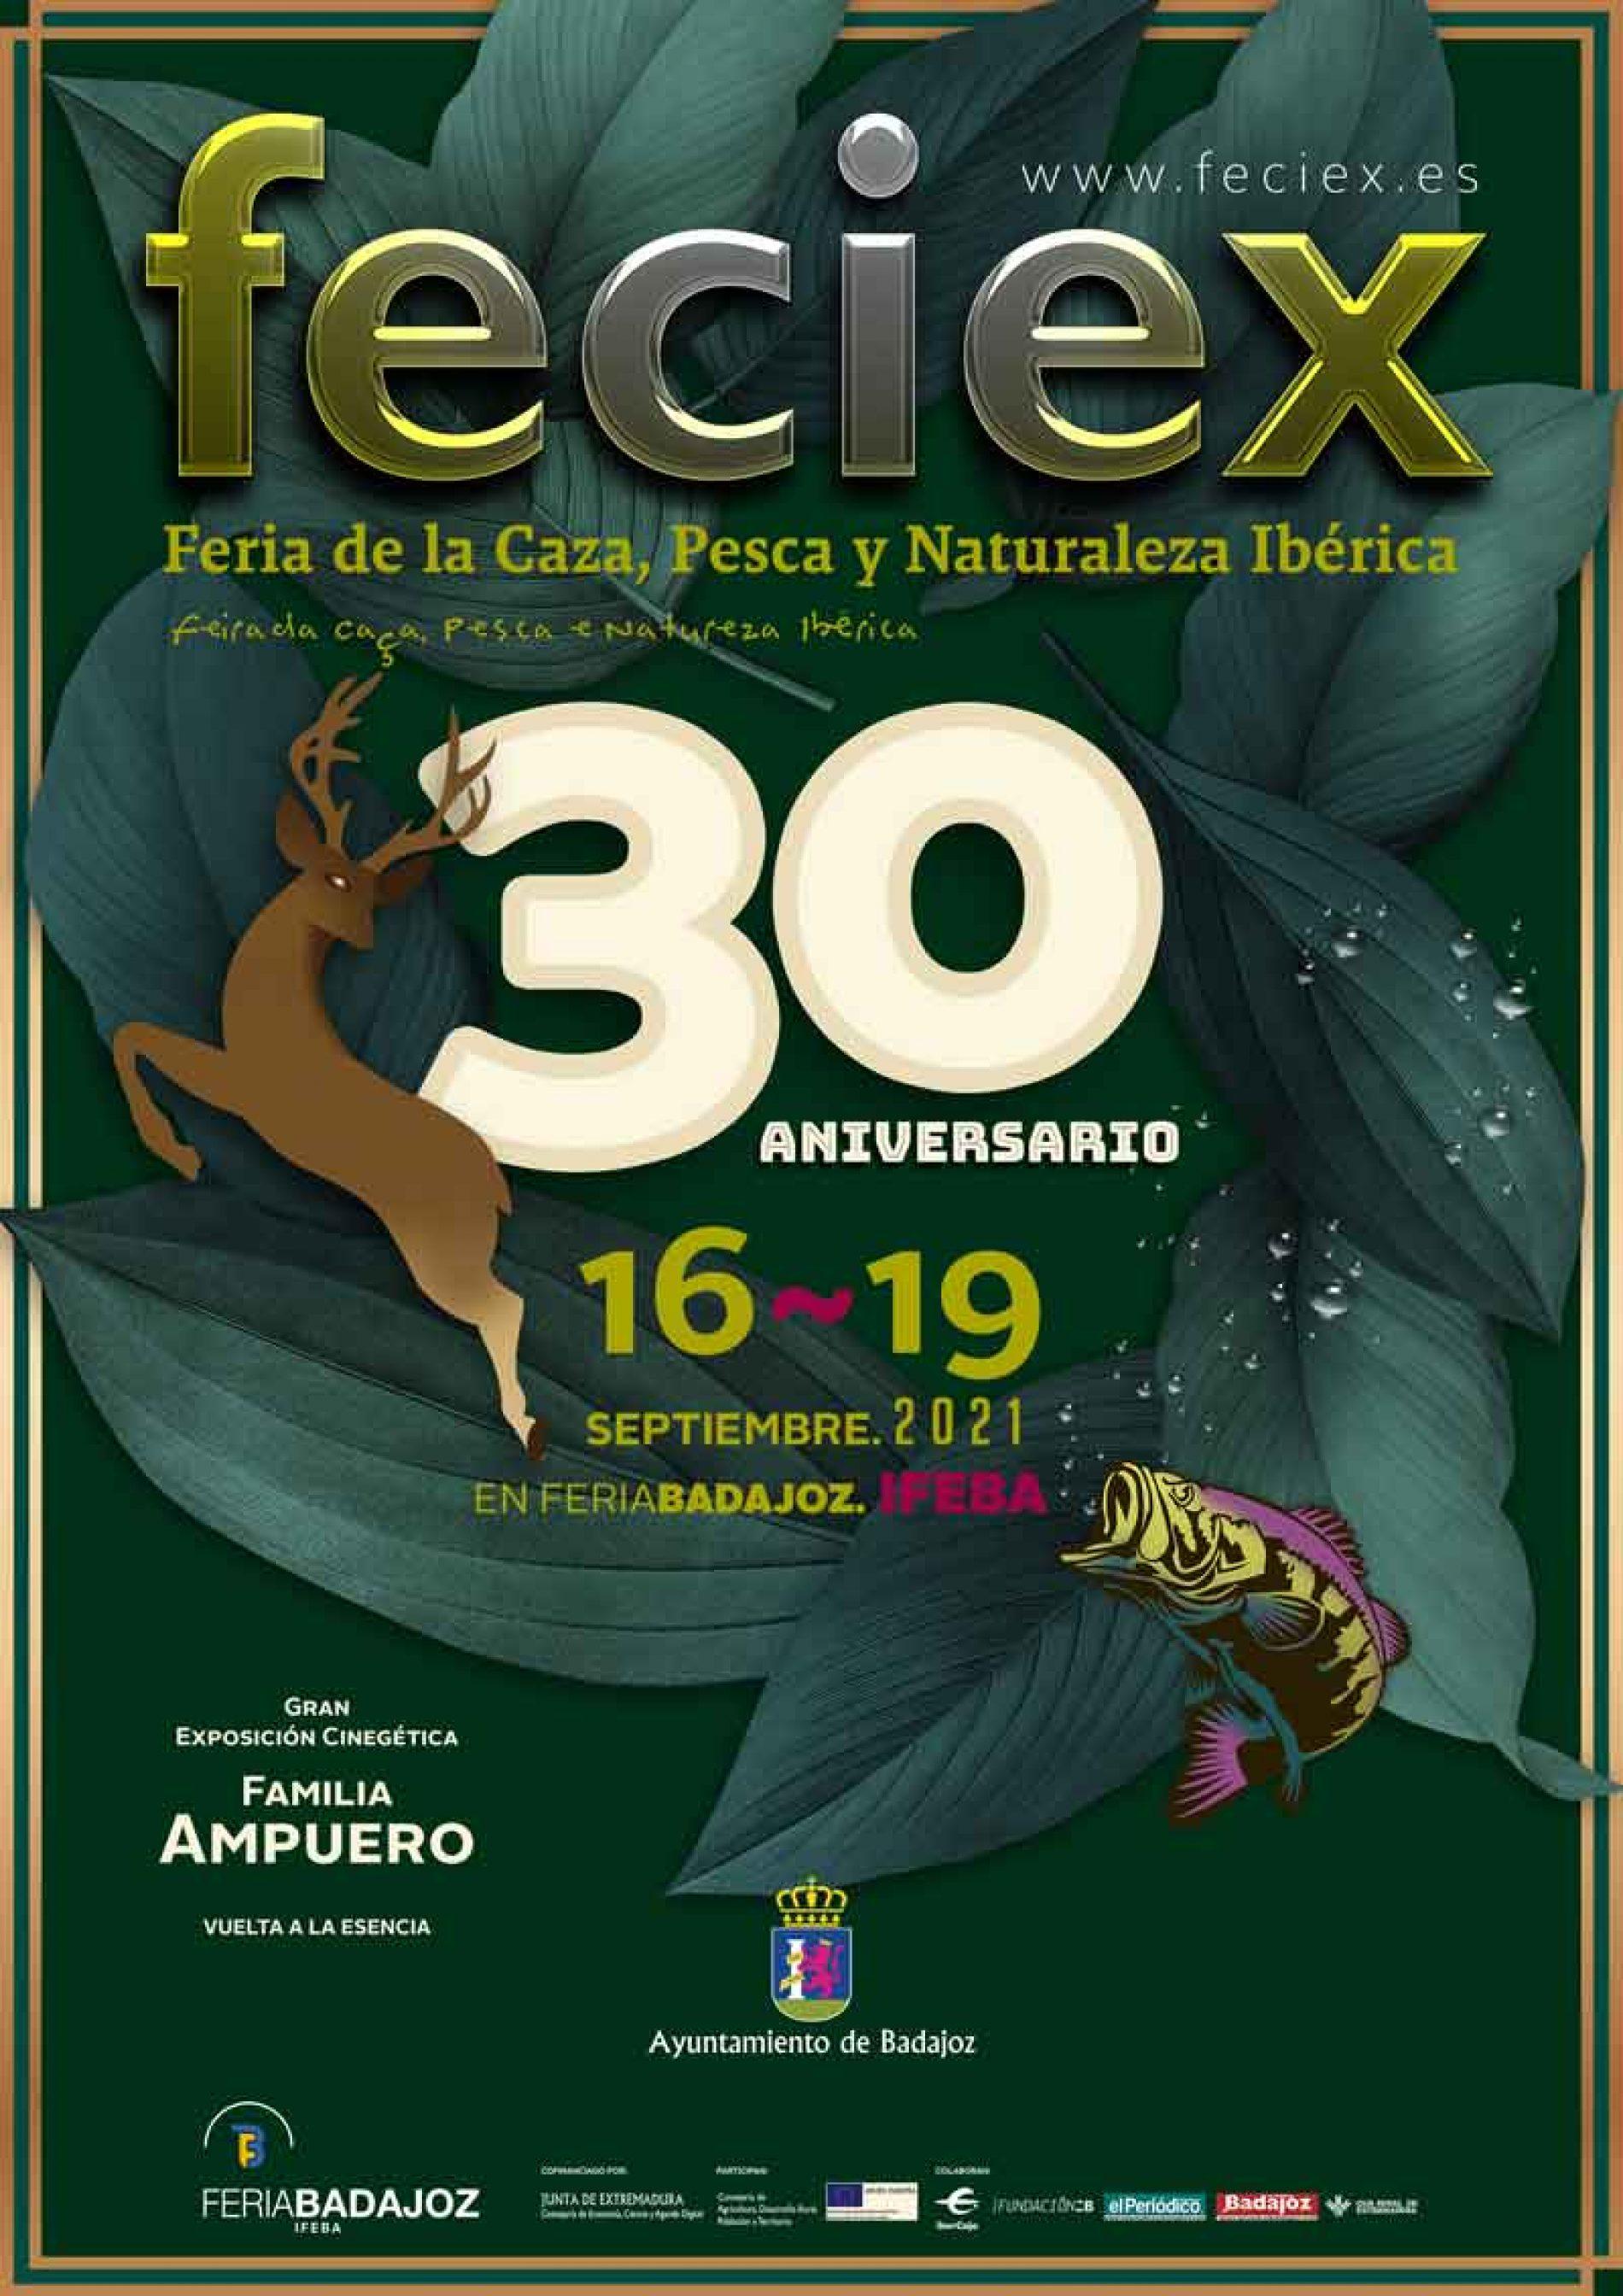 Vuelve Feciex, Feria de la Caza, Pesca y Naturaleza Ibérica en su 30.º aniversario